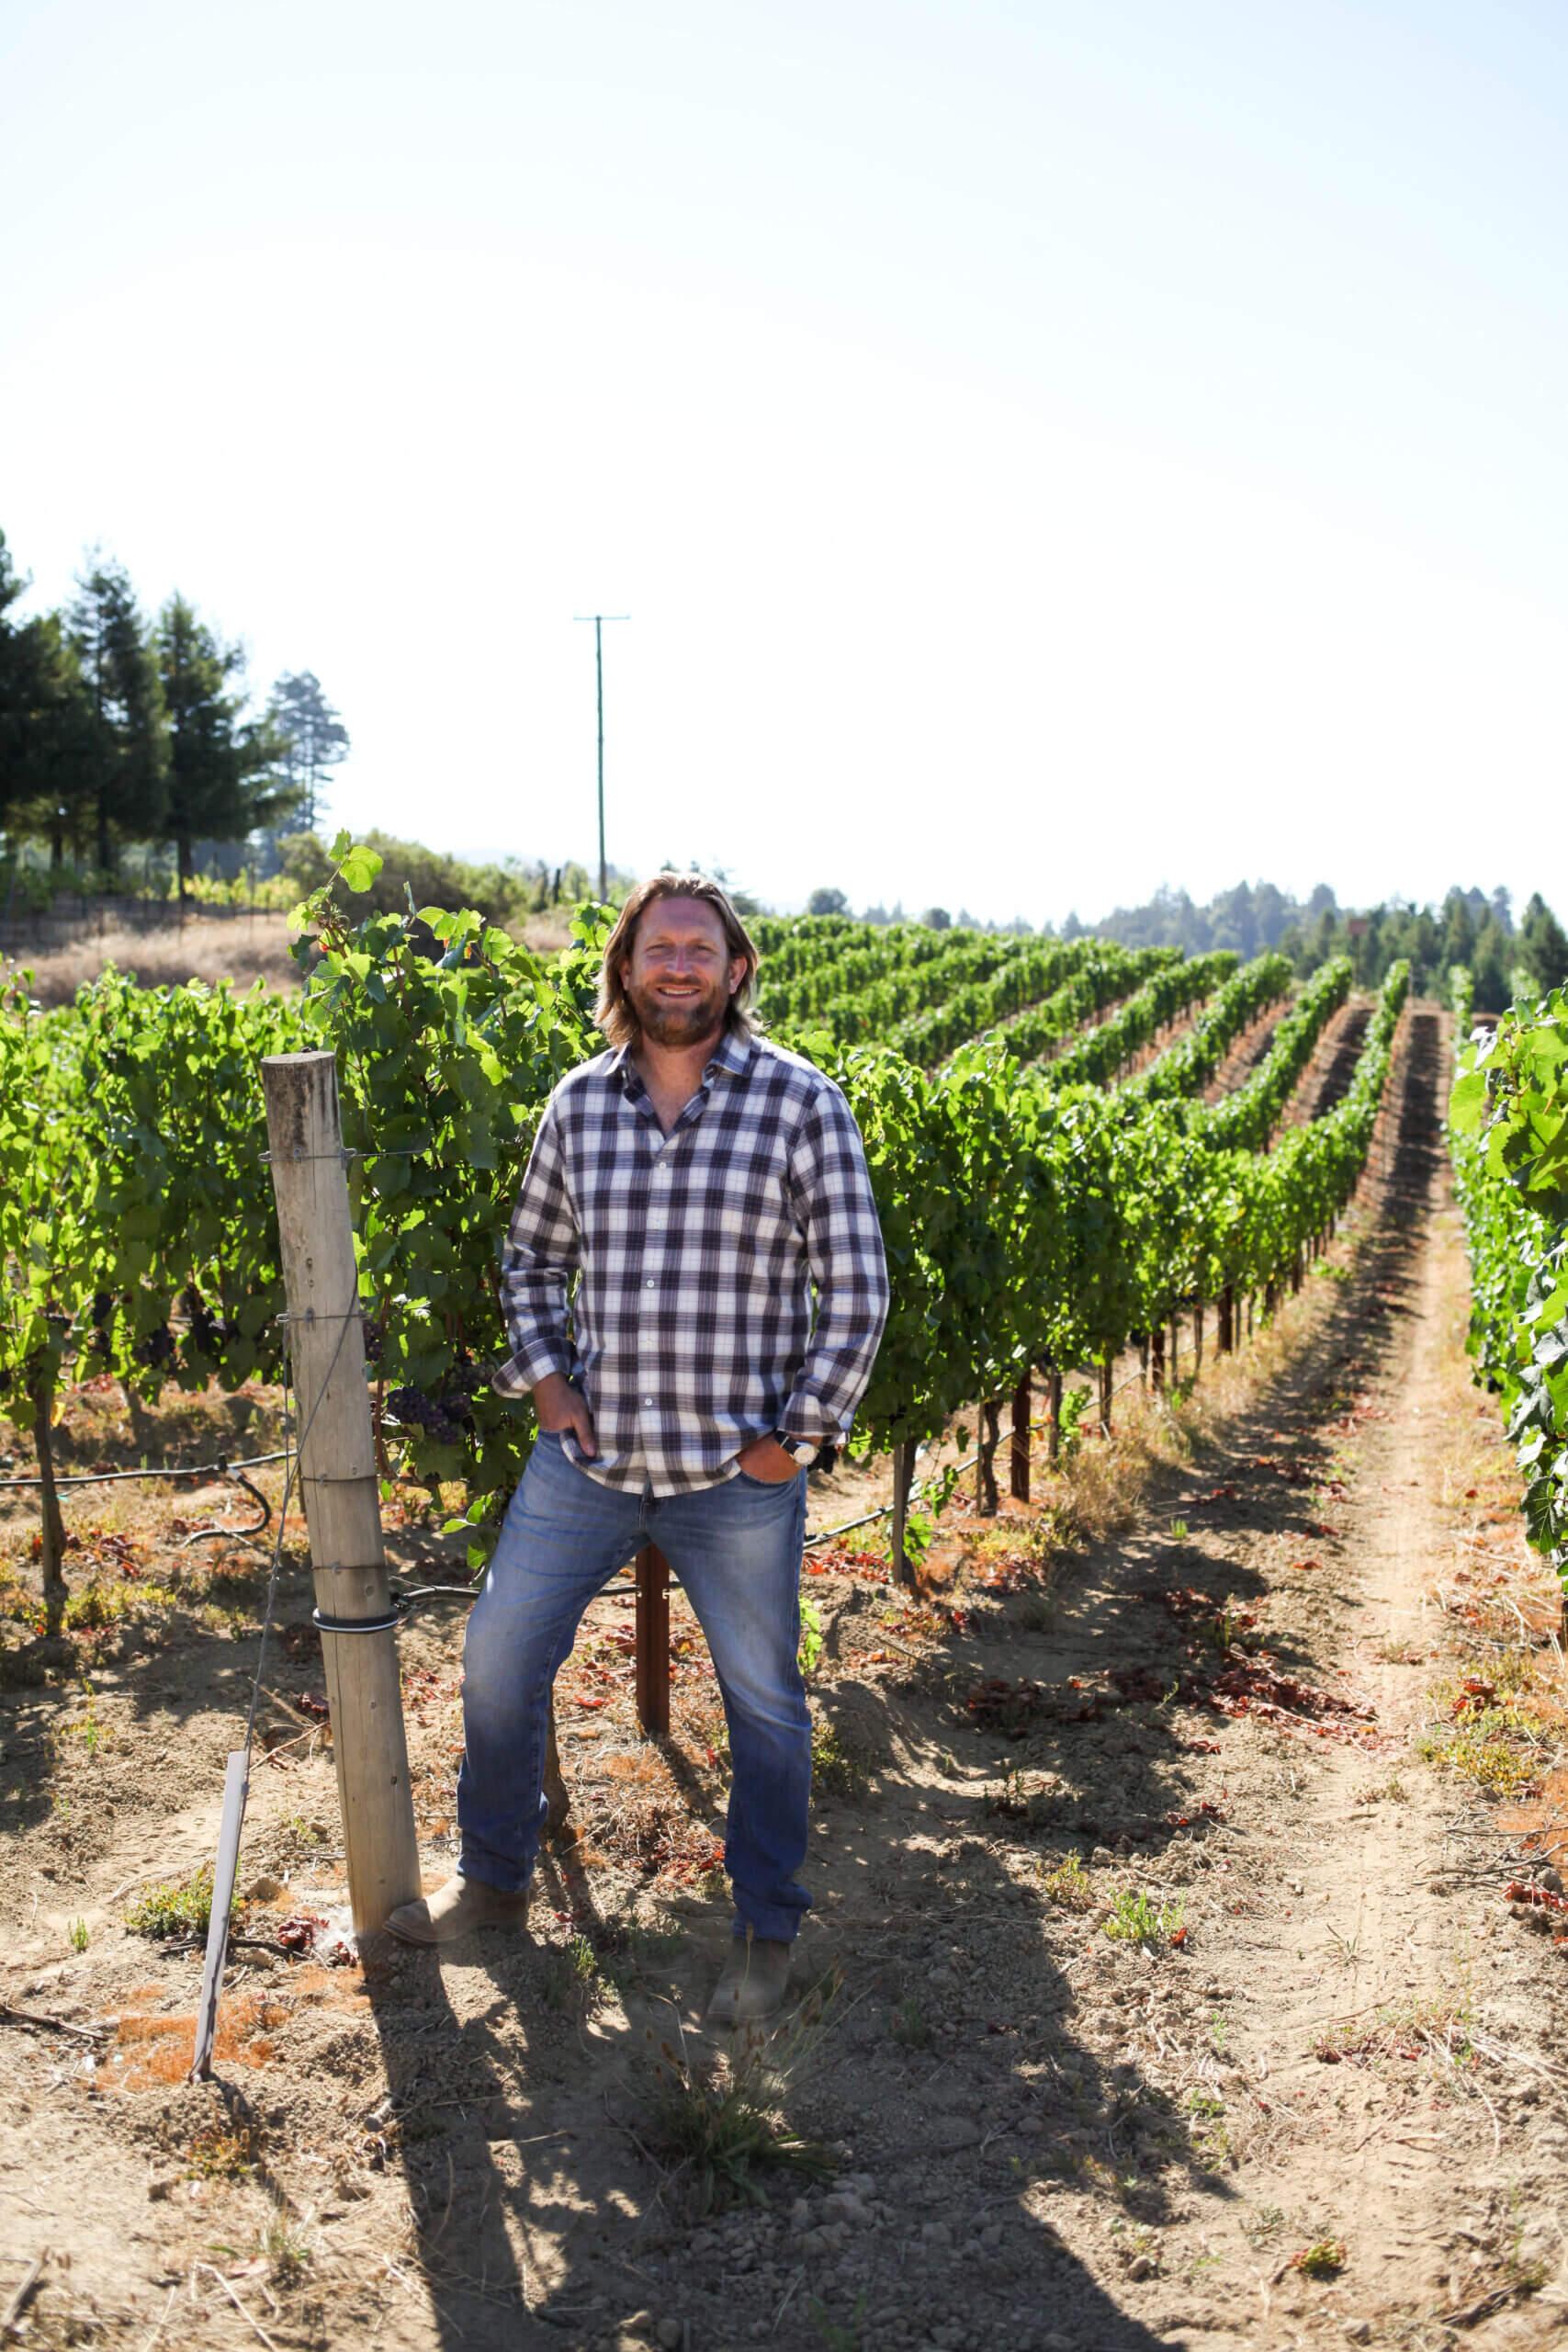 Catching Up with Winemaker Matt Parish